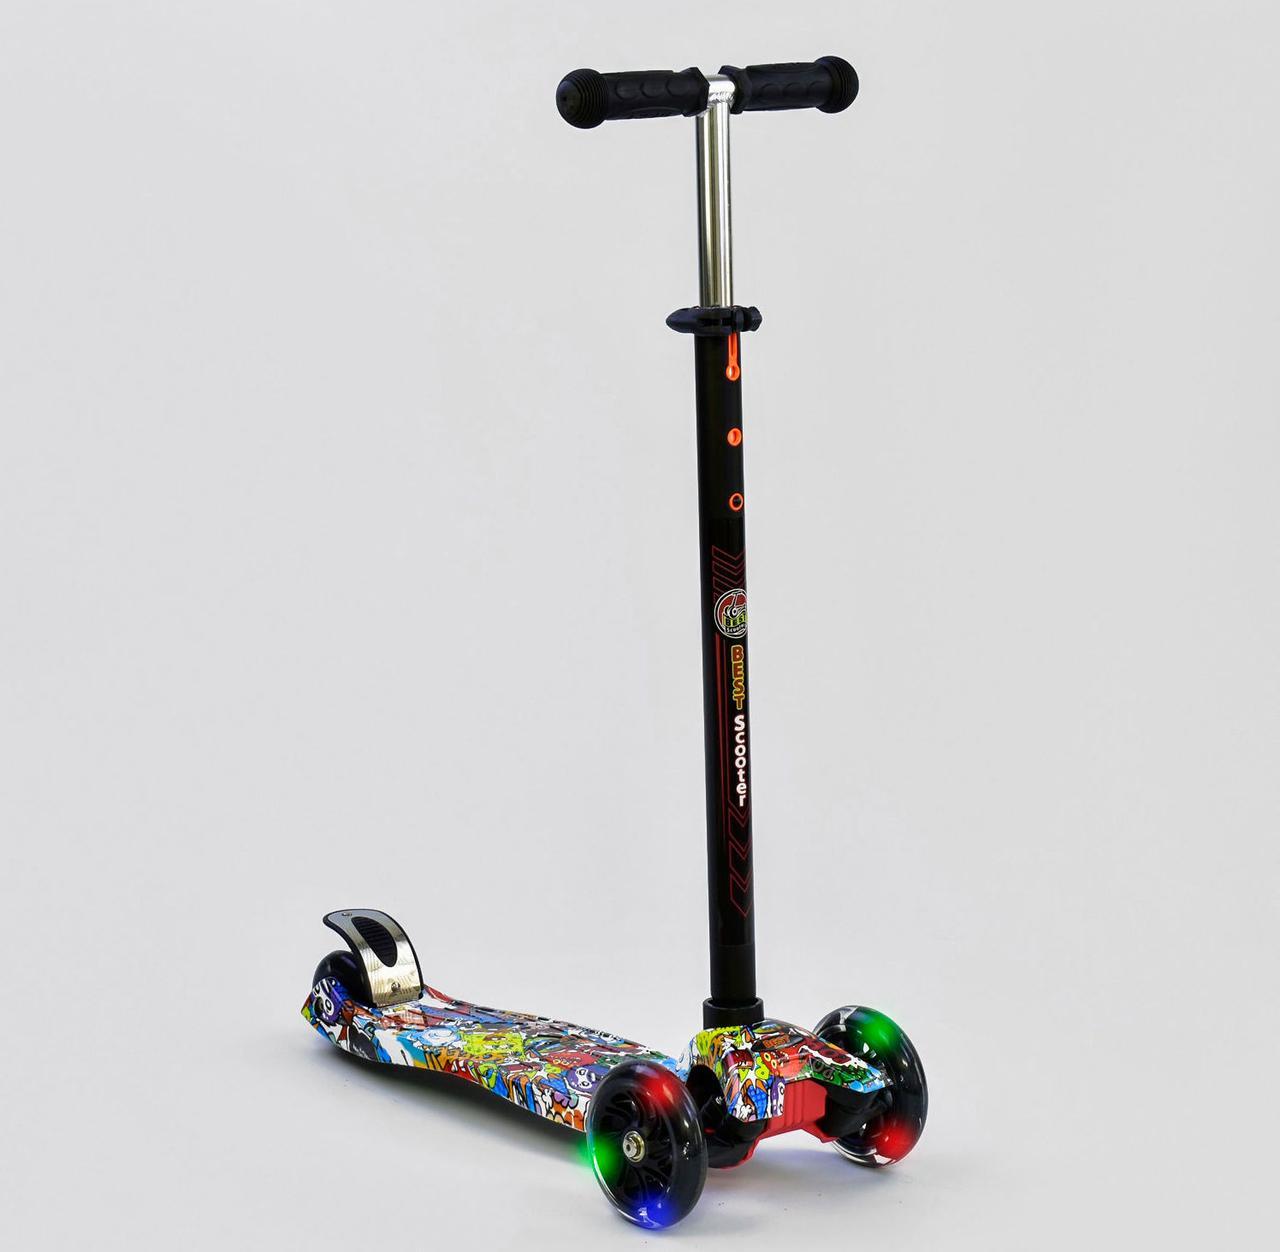 Детский самокат MAXI Best Scooter. Графити Спанч Боб . Светящиеся колеса!